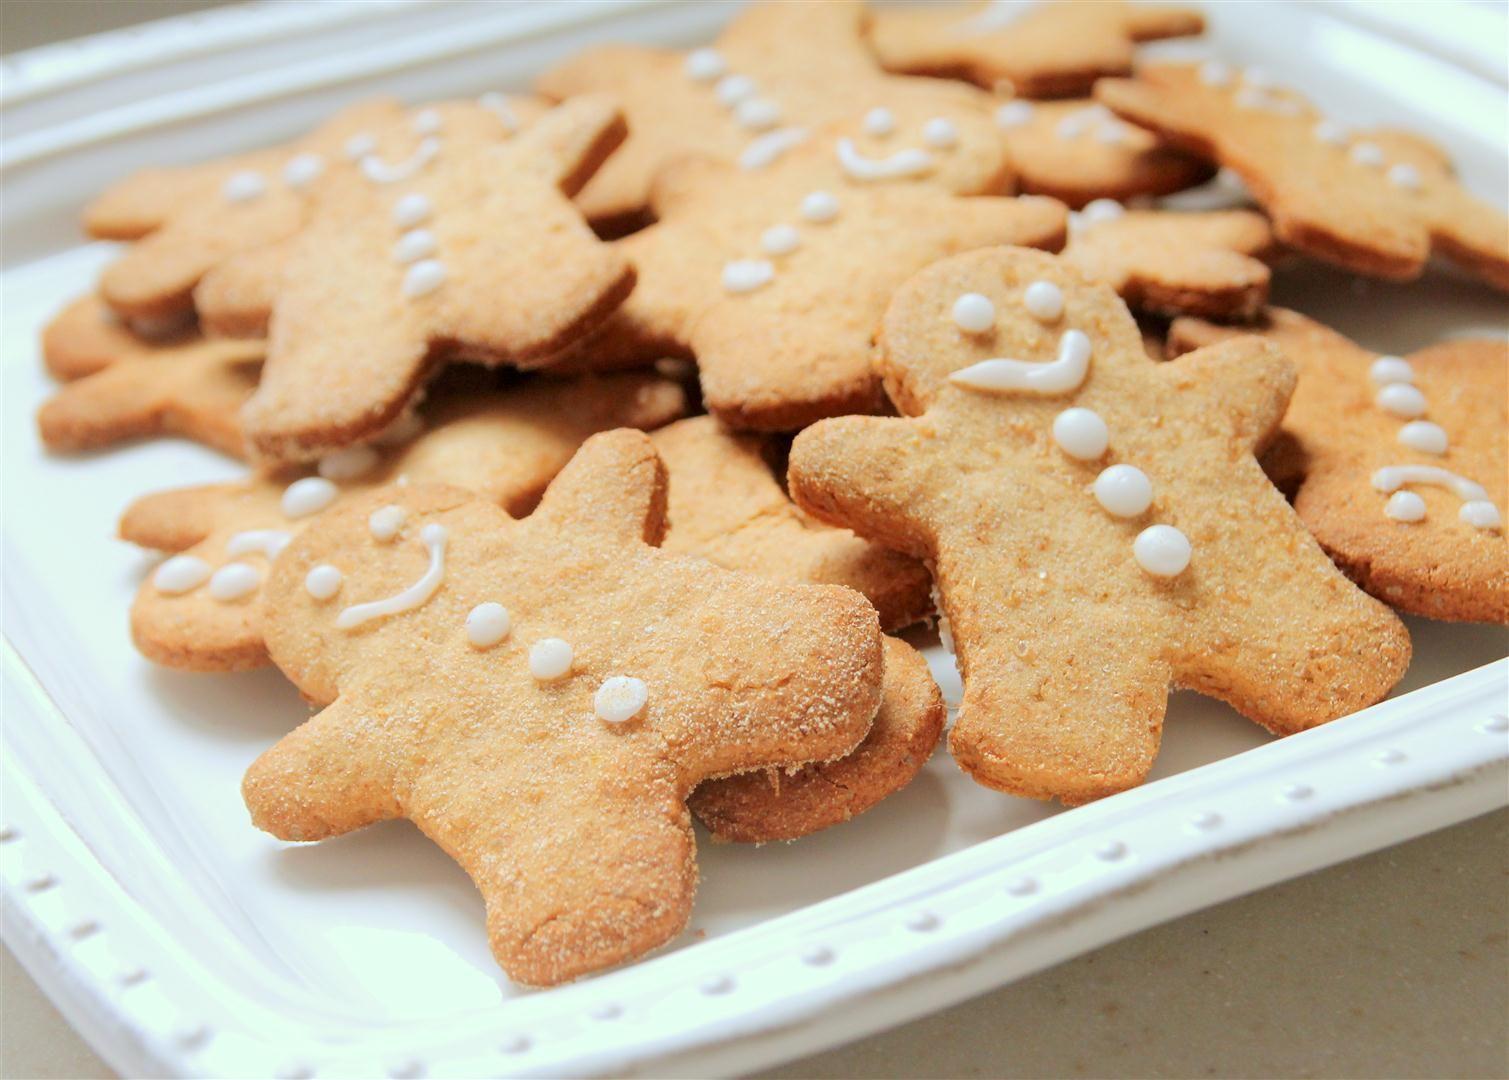 עוגיות ג'ינג'ר ושקדים עם דבש | צילום: נטלי לוין